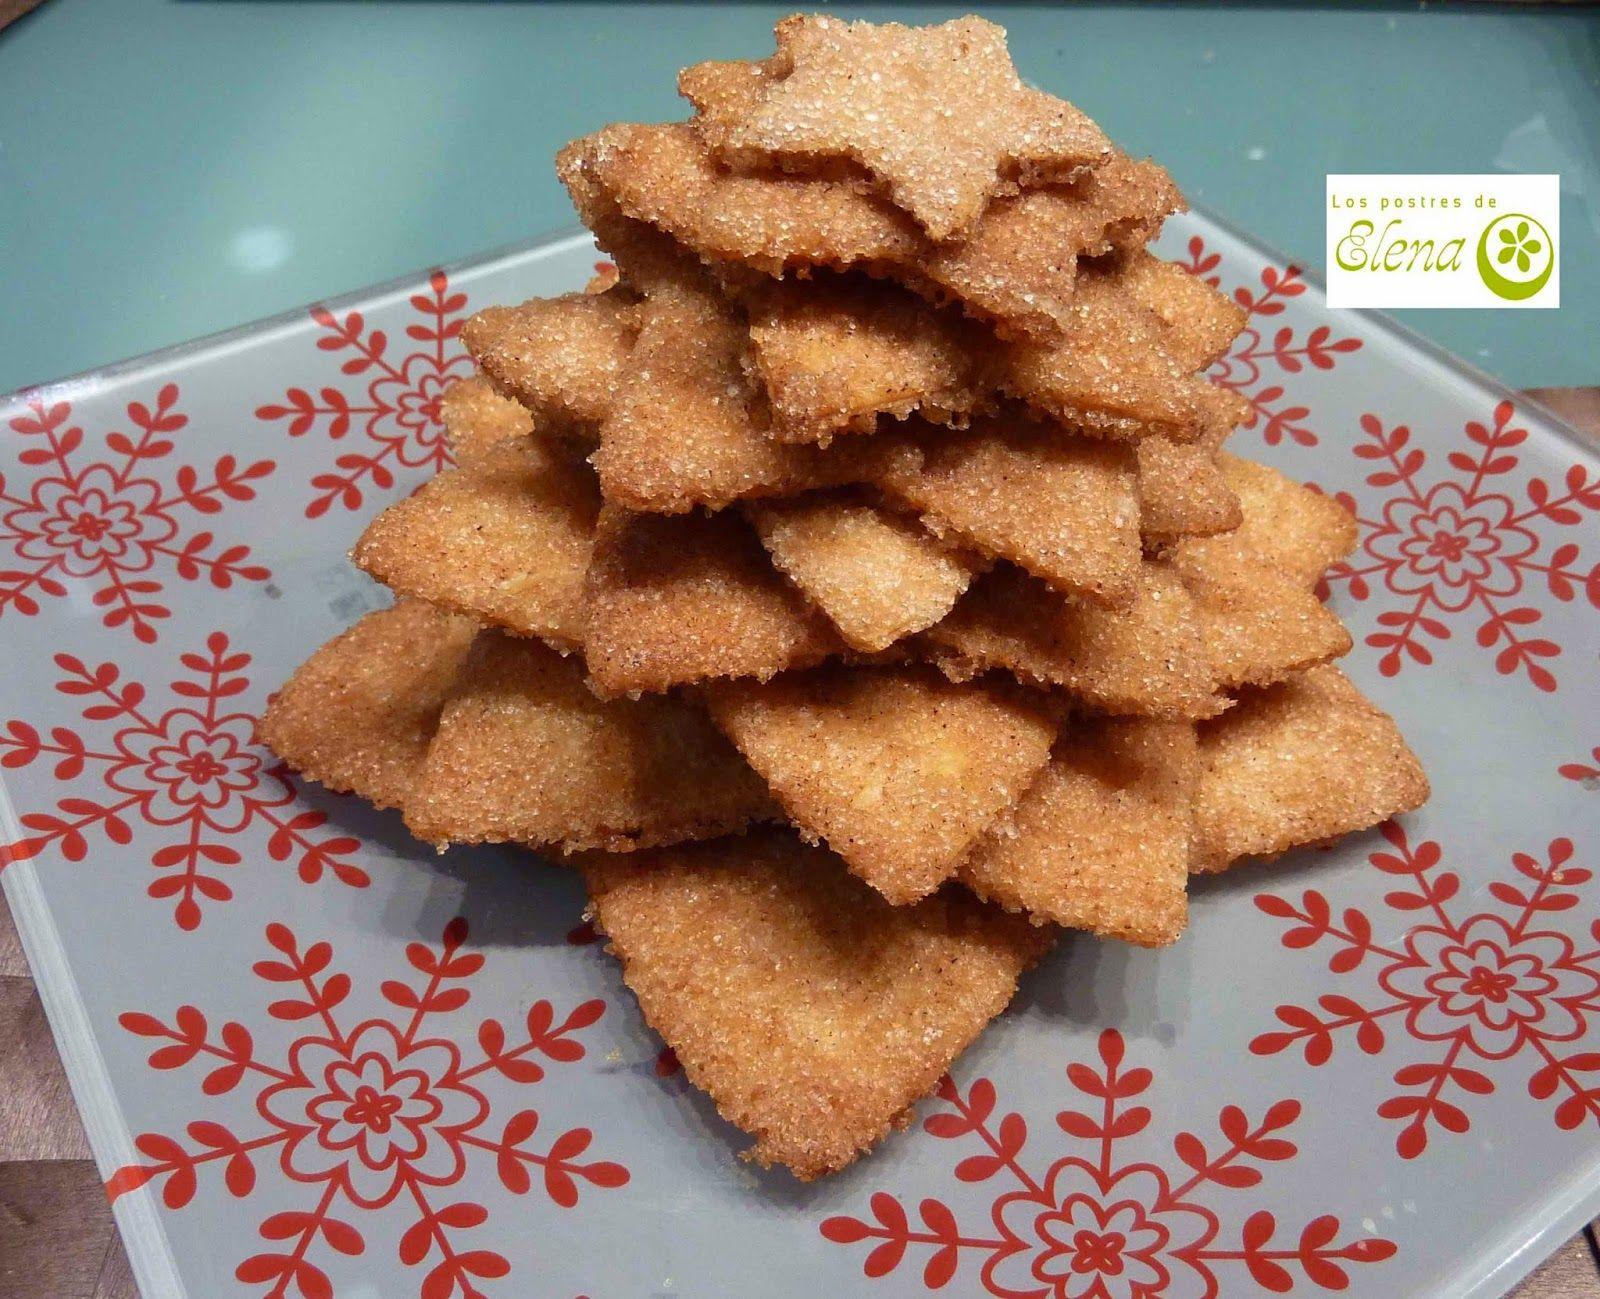 Los Postres de Elena: Arbolitos de Navidad de galletas crujientes. http://www.lospostresdeelena.com/2014/12/arbolitos-de-navidad-de-galletas.html